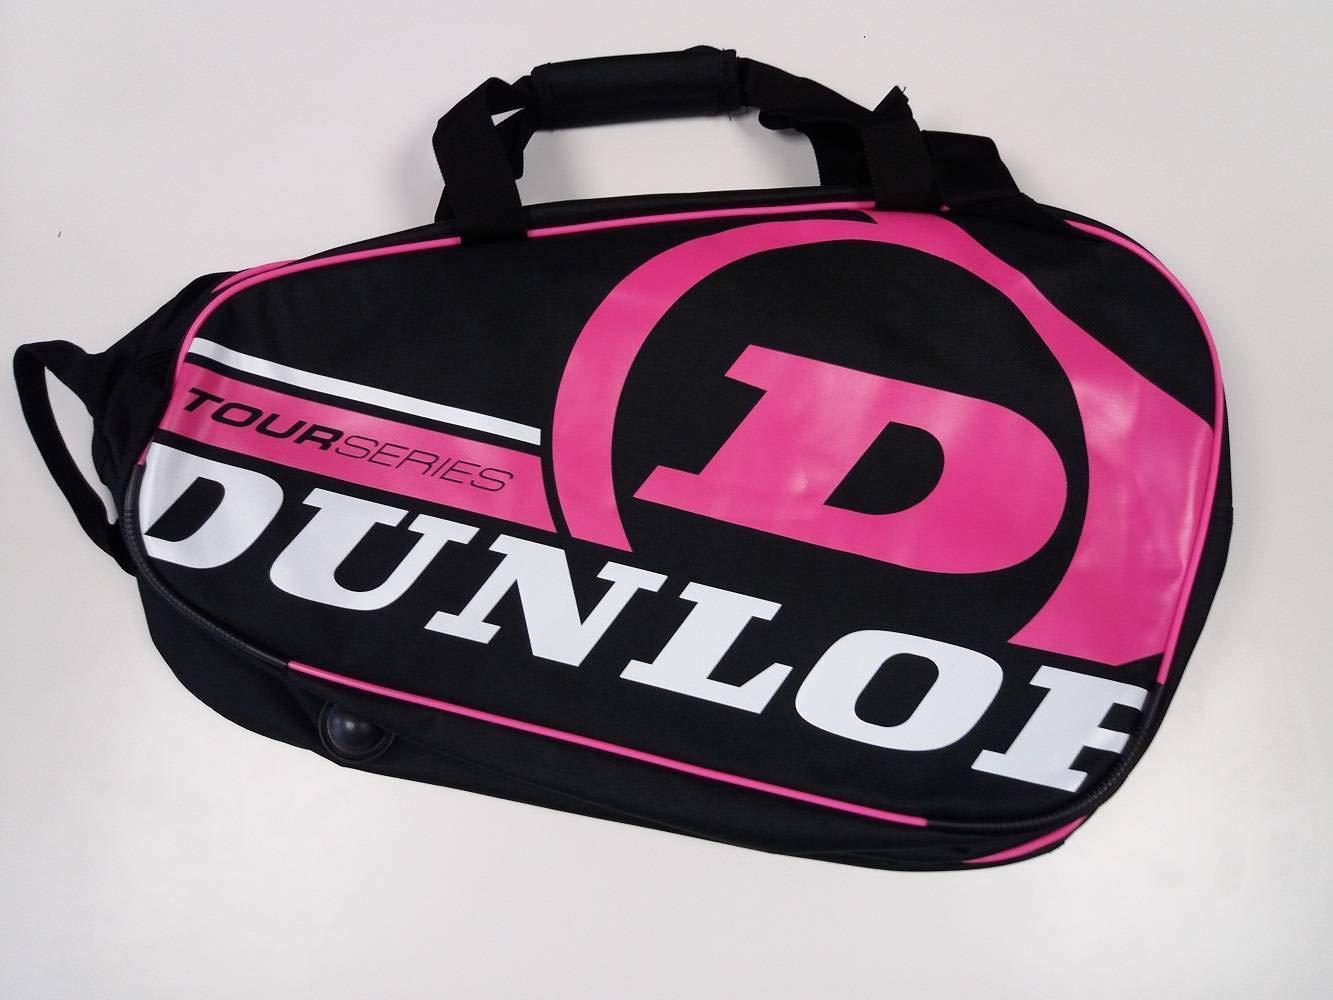 Paletero de pádel Dunlop Tour Intro Negro / Rosa: Amazon.es ...